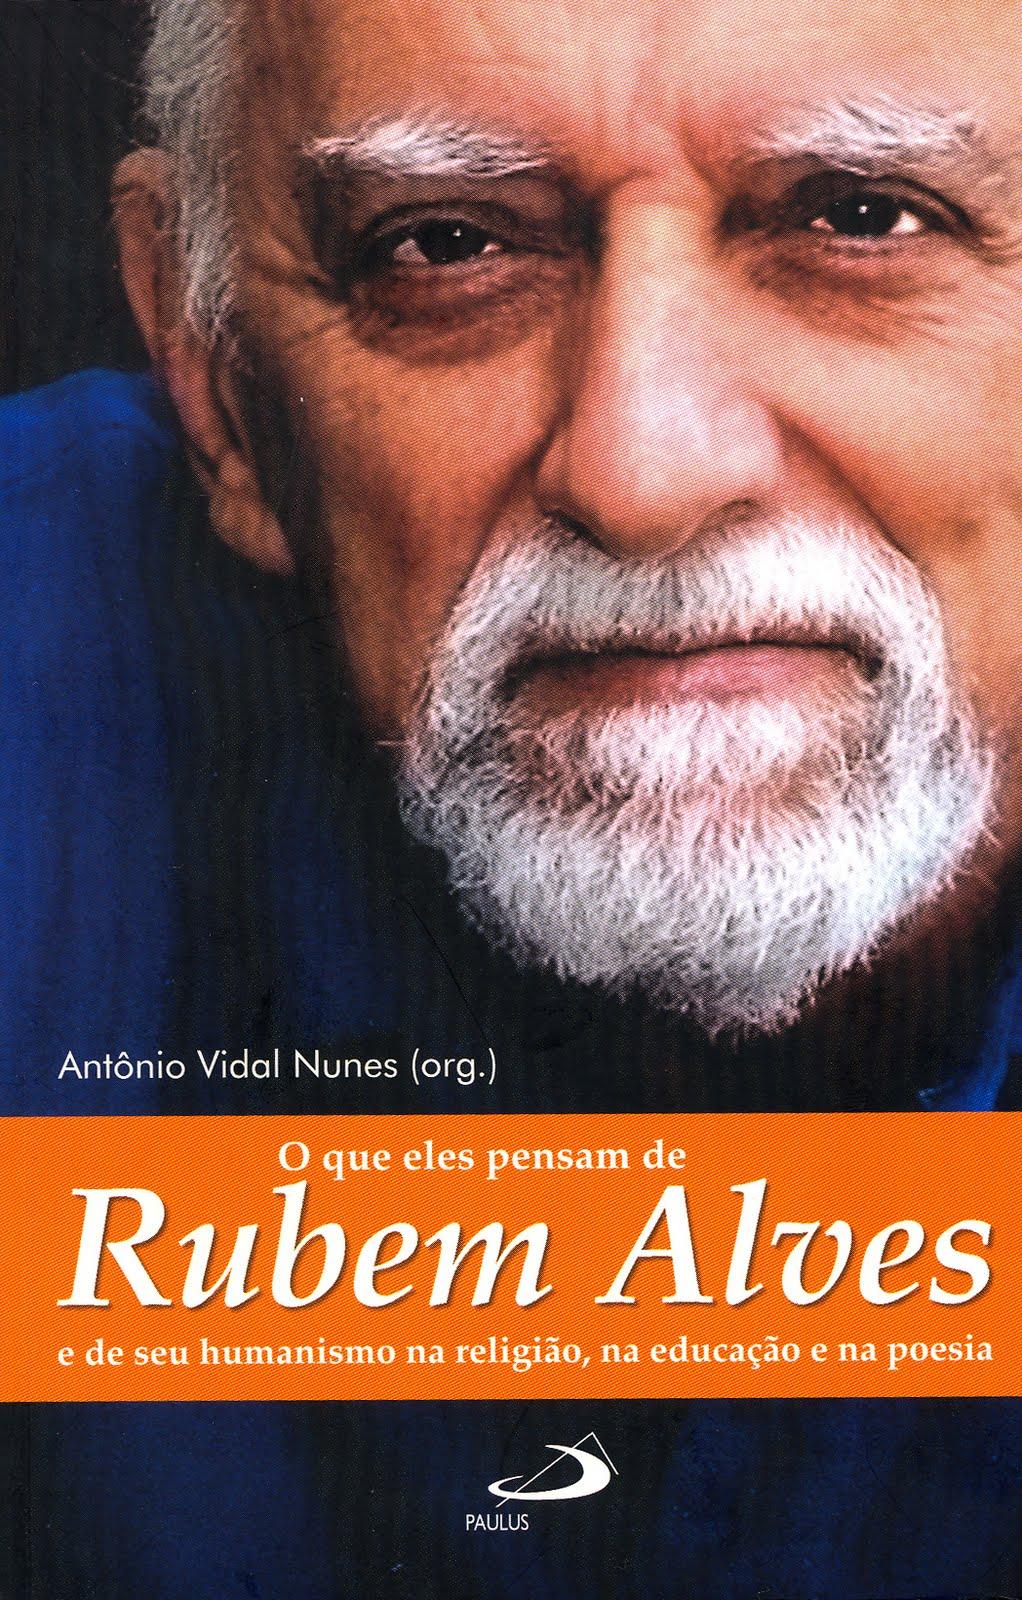 Rubem Alves, o Protestantismo Histórico e sua Crença em Deus